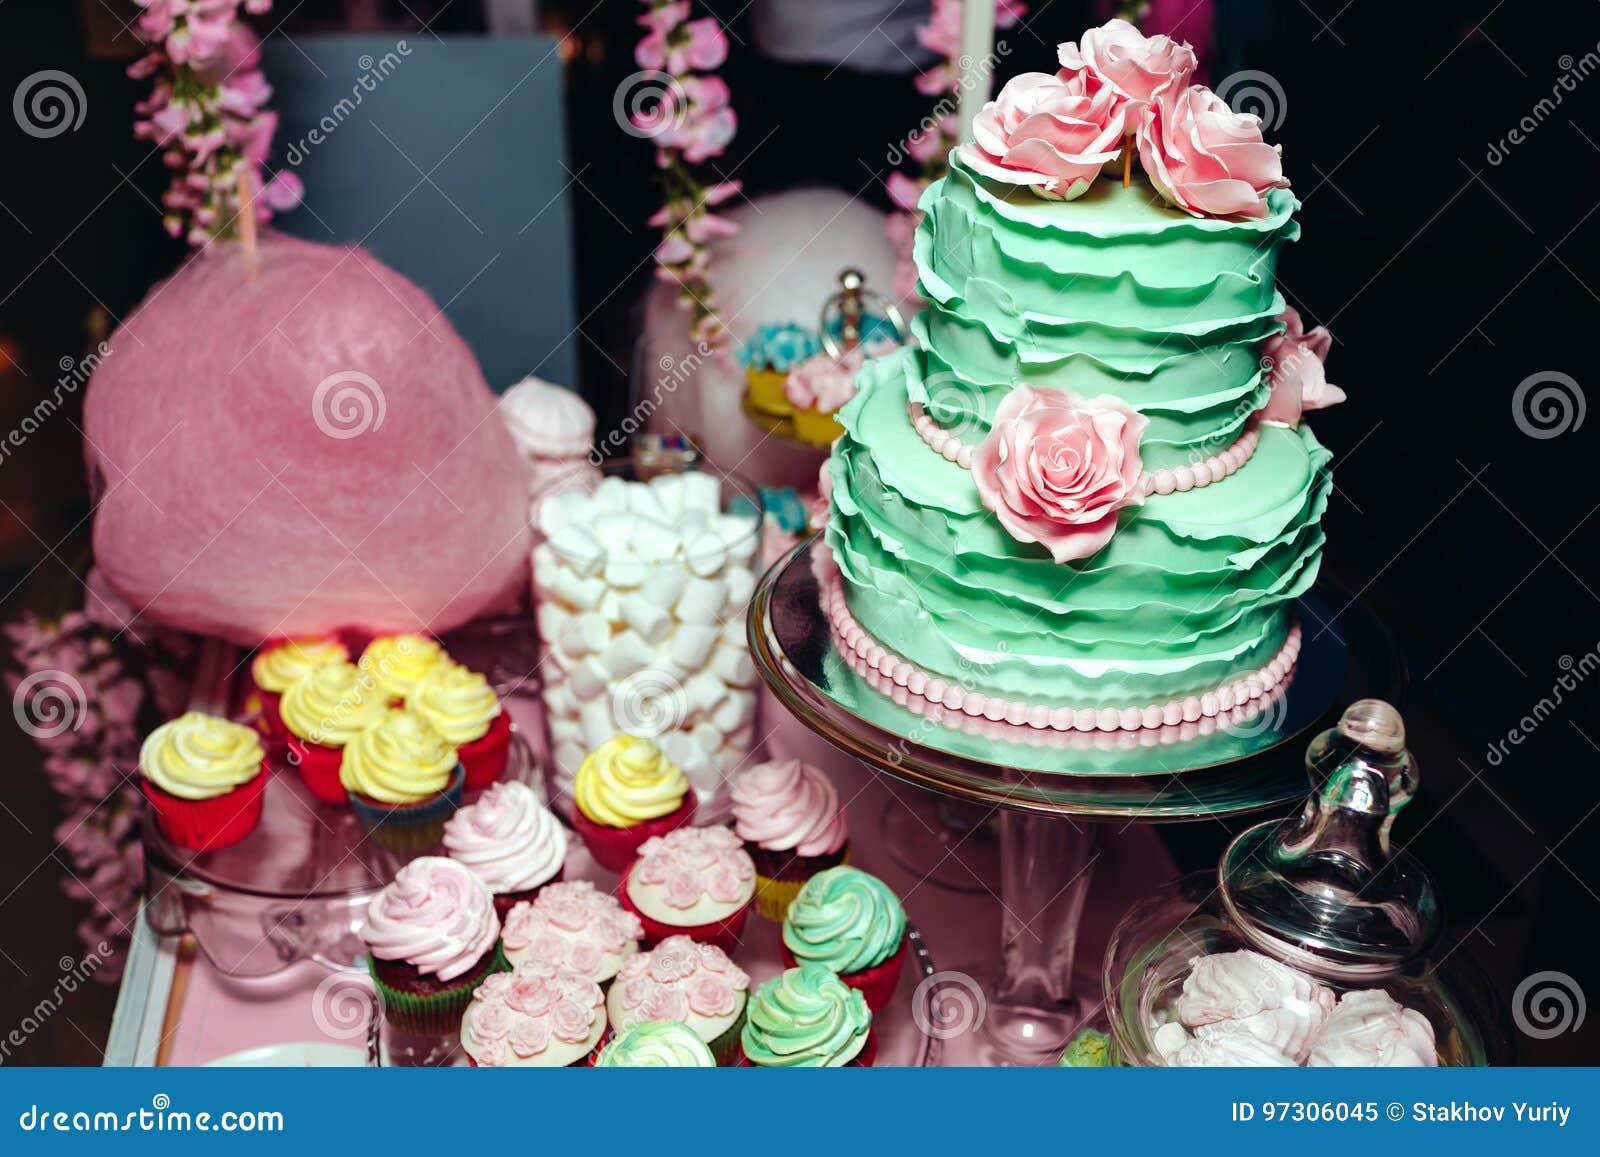 Zwei-planierte Minze färbte Rosen, macarons und Eibische der Hochzeitstorte mit Sahne Schokoriegel in den Farben des kleinen Fing